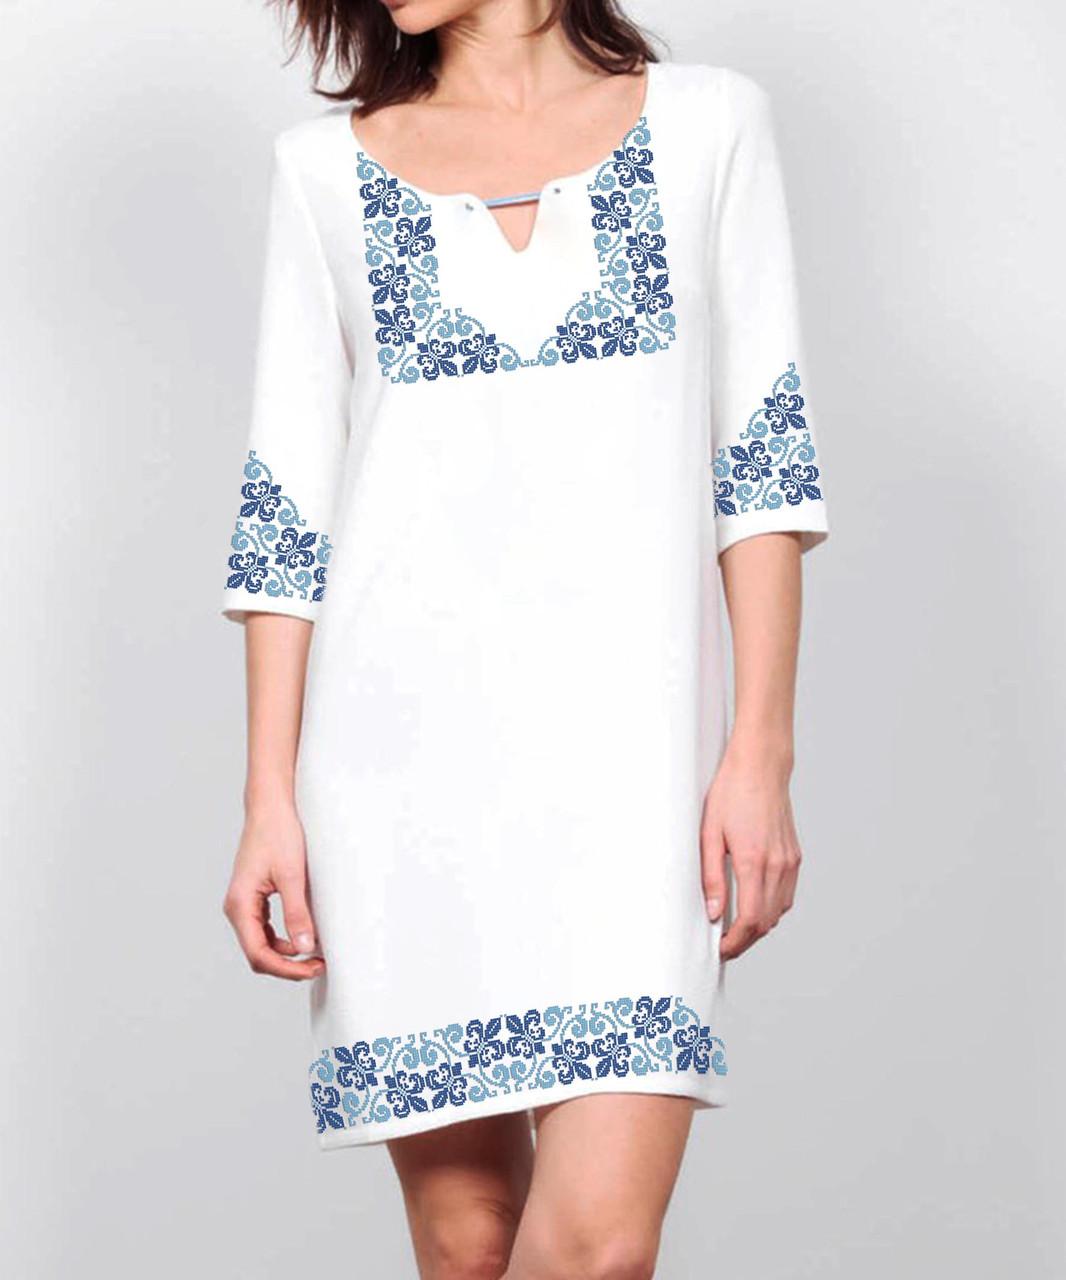 Заготовка жіночого плаття чи сукні для вишивки та вишивання бісером Бисерок  «Французька лілія» (П-132 )